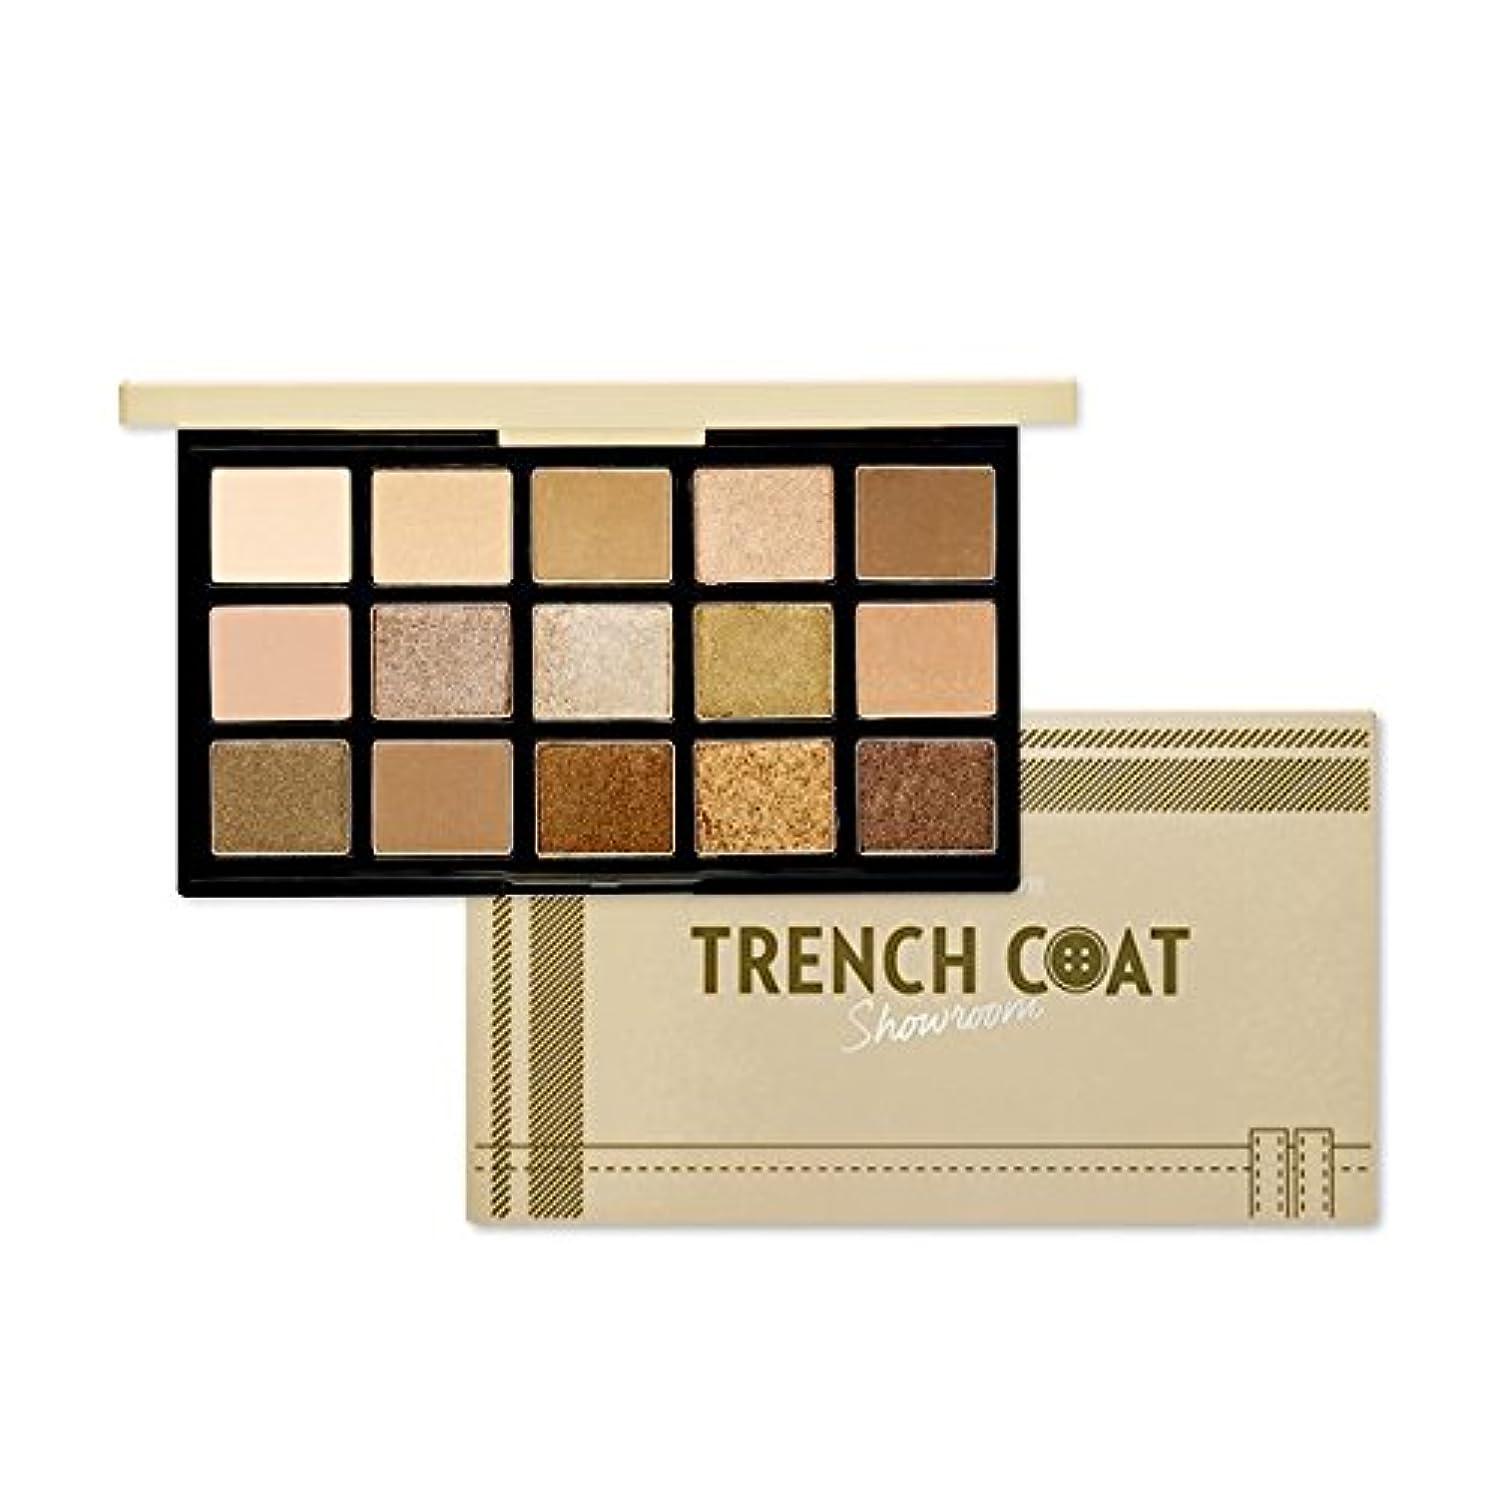 森水銀のオレンジETUDE HOUSE Play Color Eye Palette - Trench coat Showroom/エチュードハウスプレイカラーアイパレット - トレンチコートショールーム [並行輸入品]